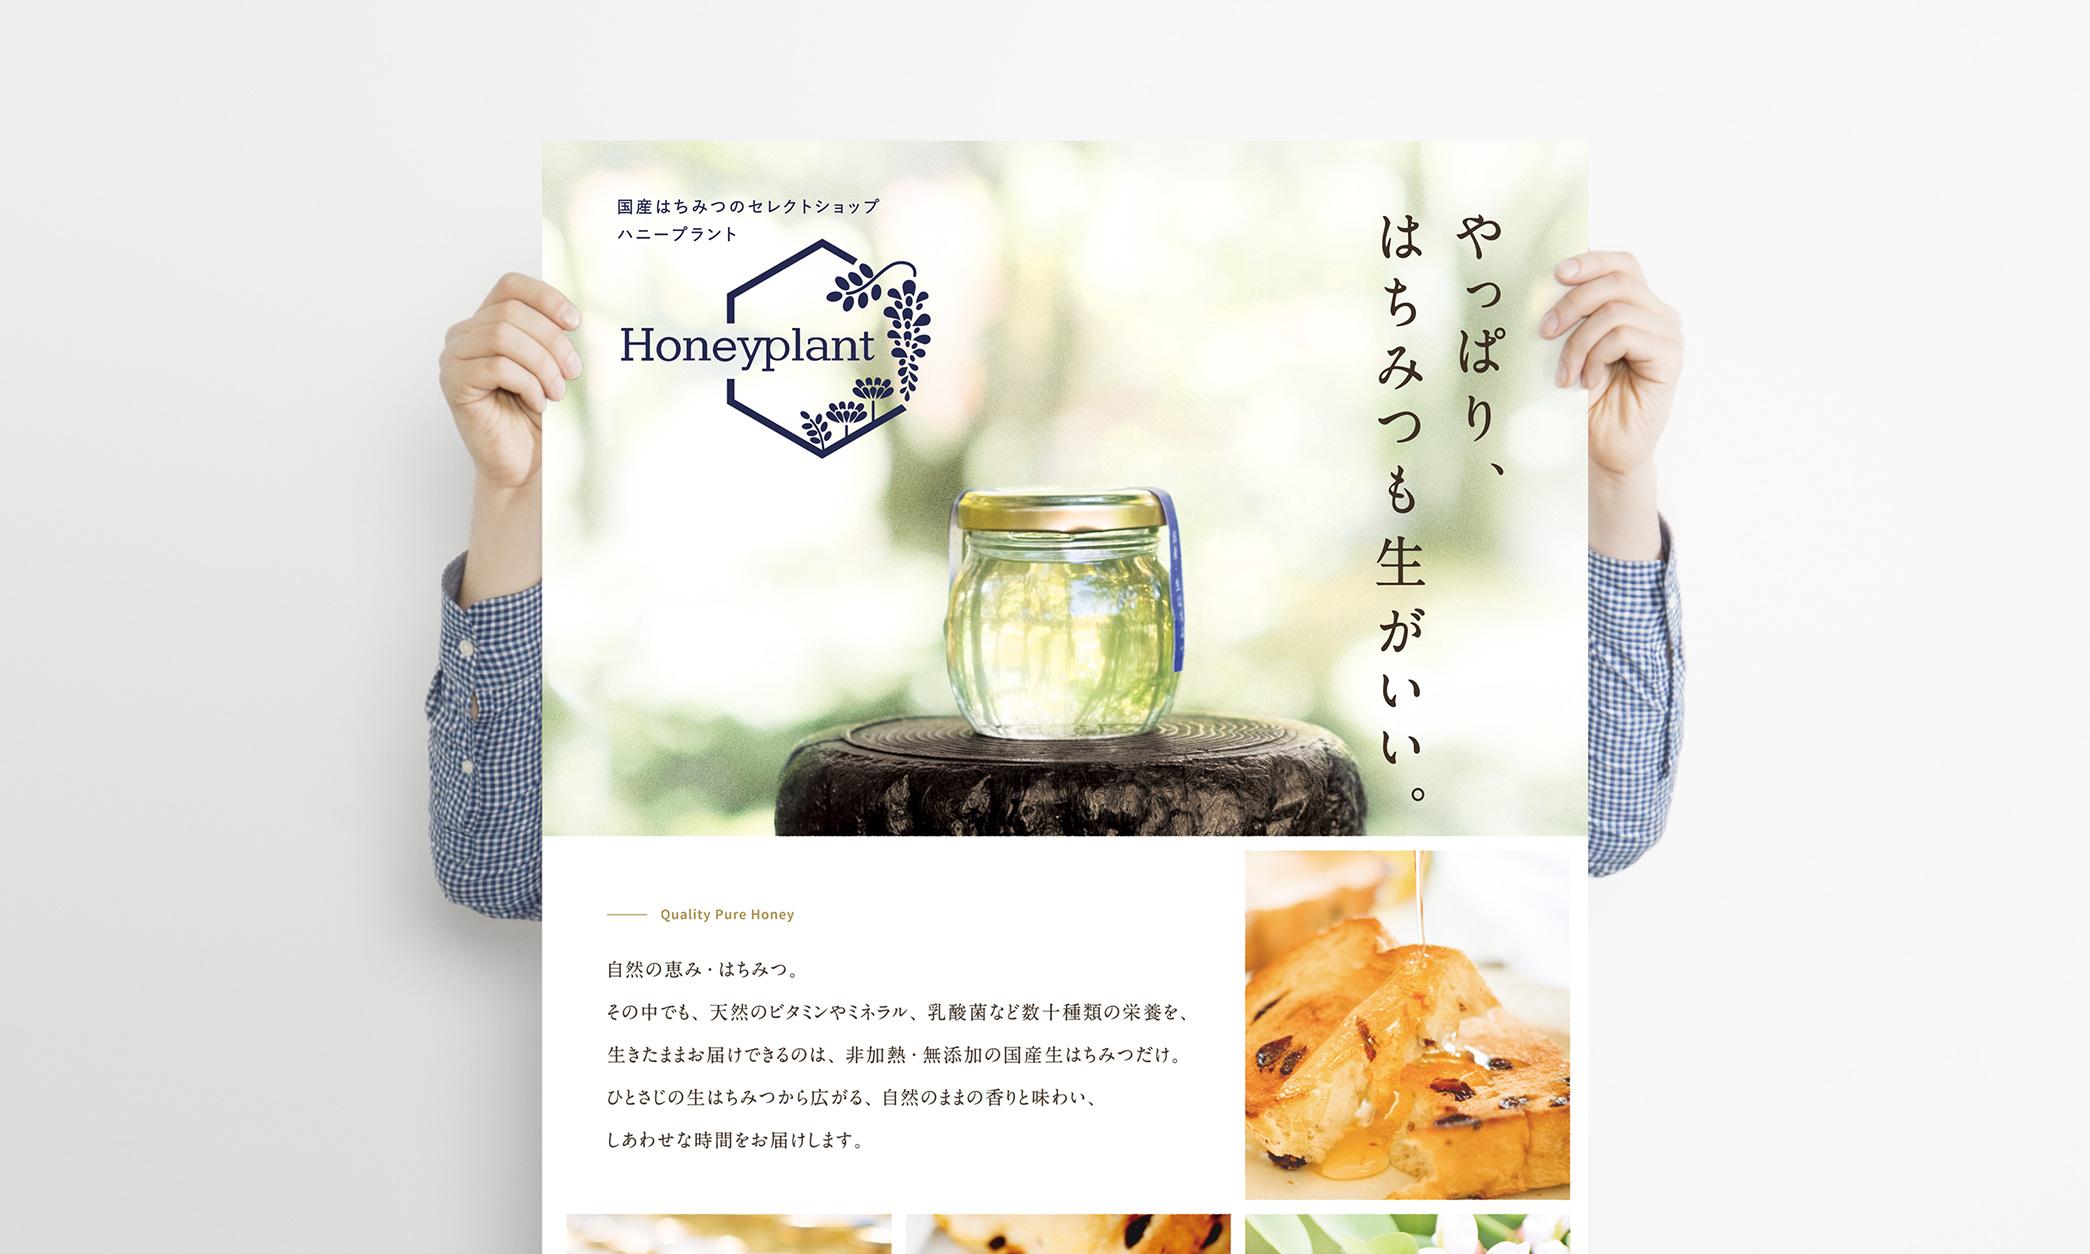 ポスター制作|長野(長野市・松本市)・東京・金沢(石川)のデザイン事務所 アプリコットデザイン